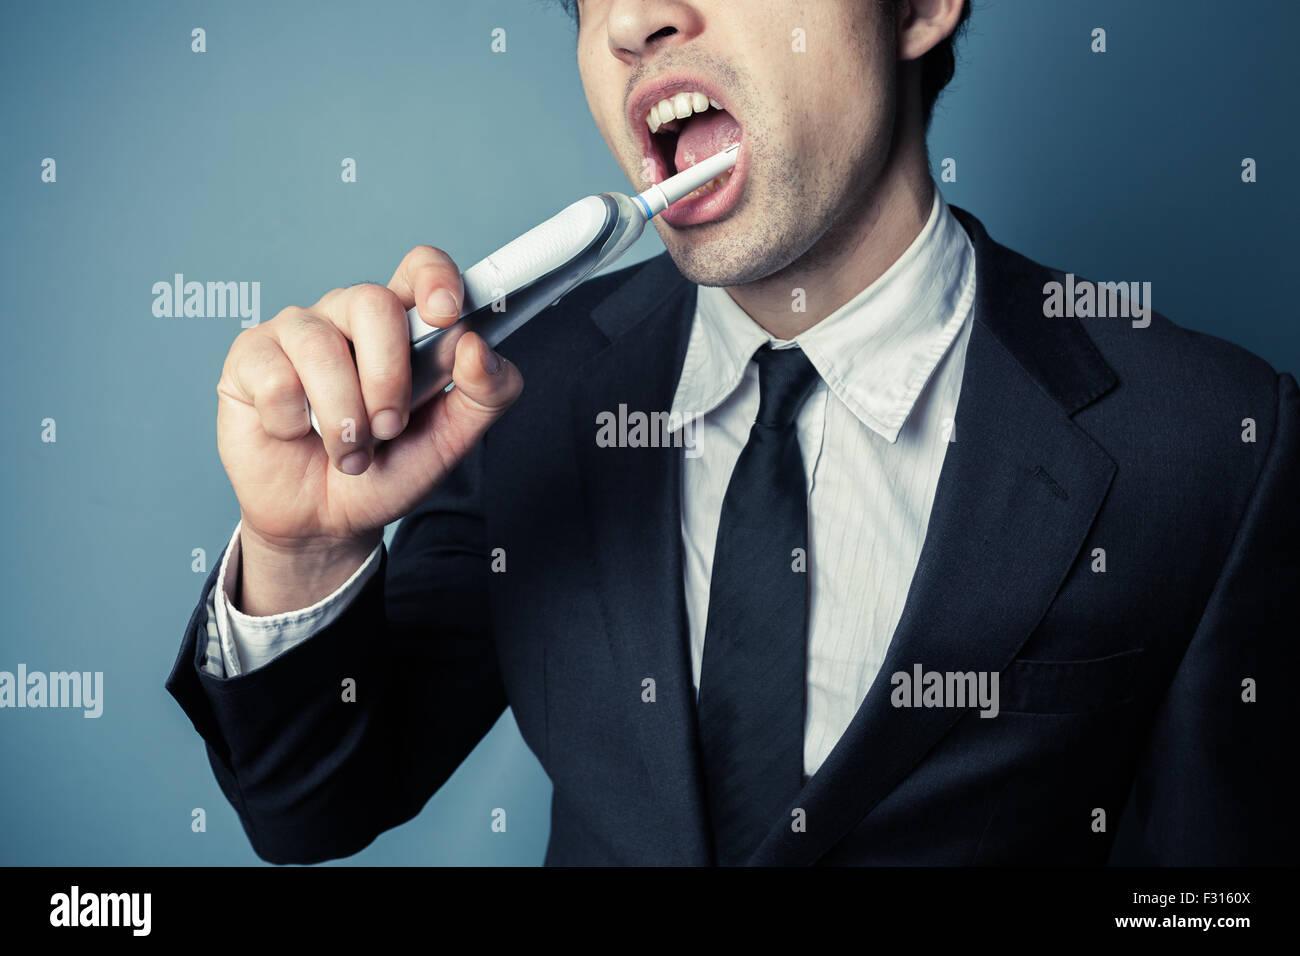 Joven empresario es cepillarse los dientes con un cepillo dental eléctrico Imagen De Stock